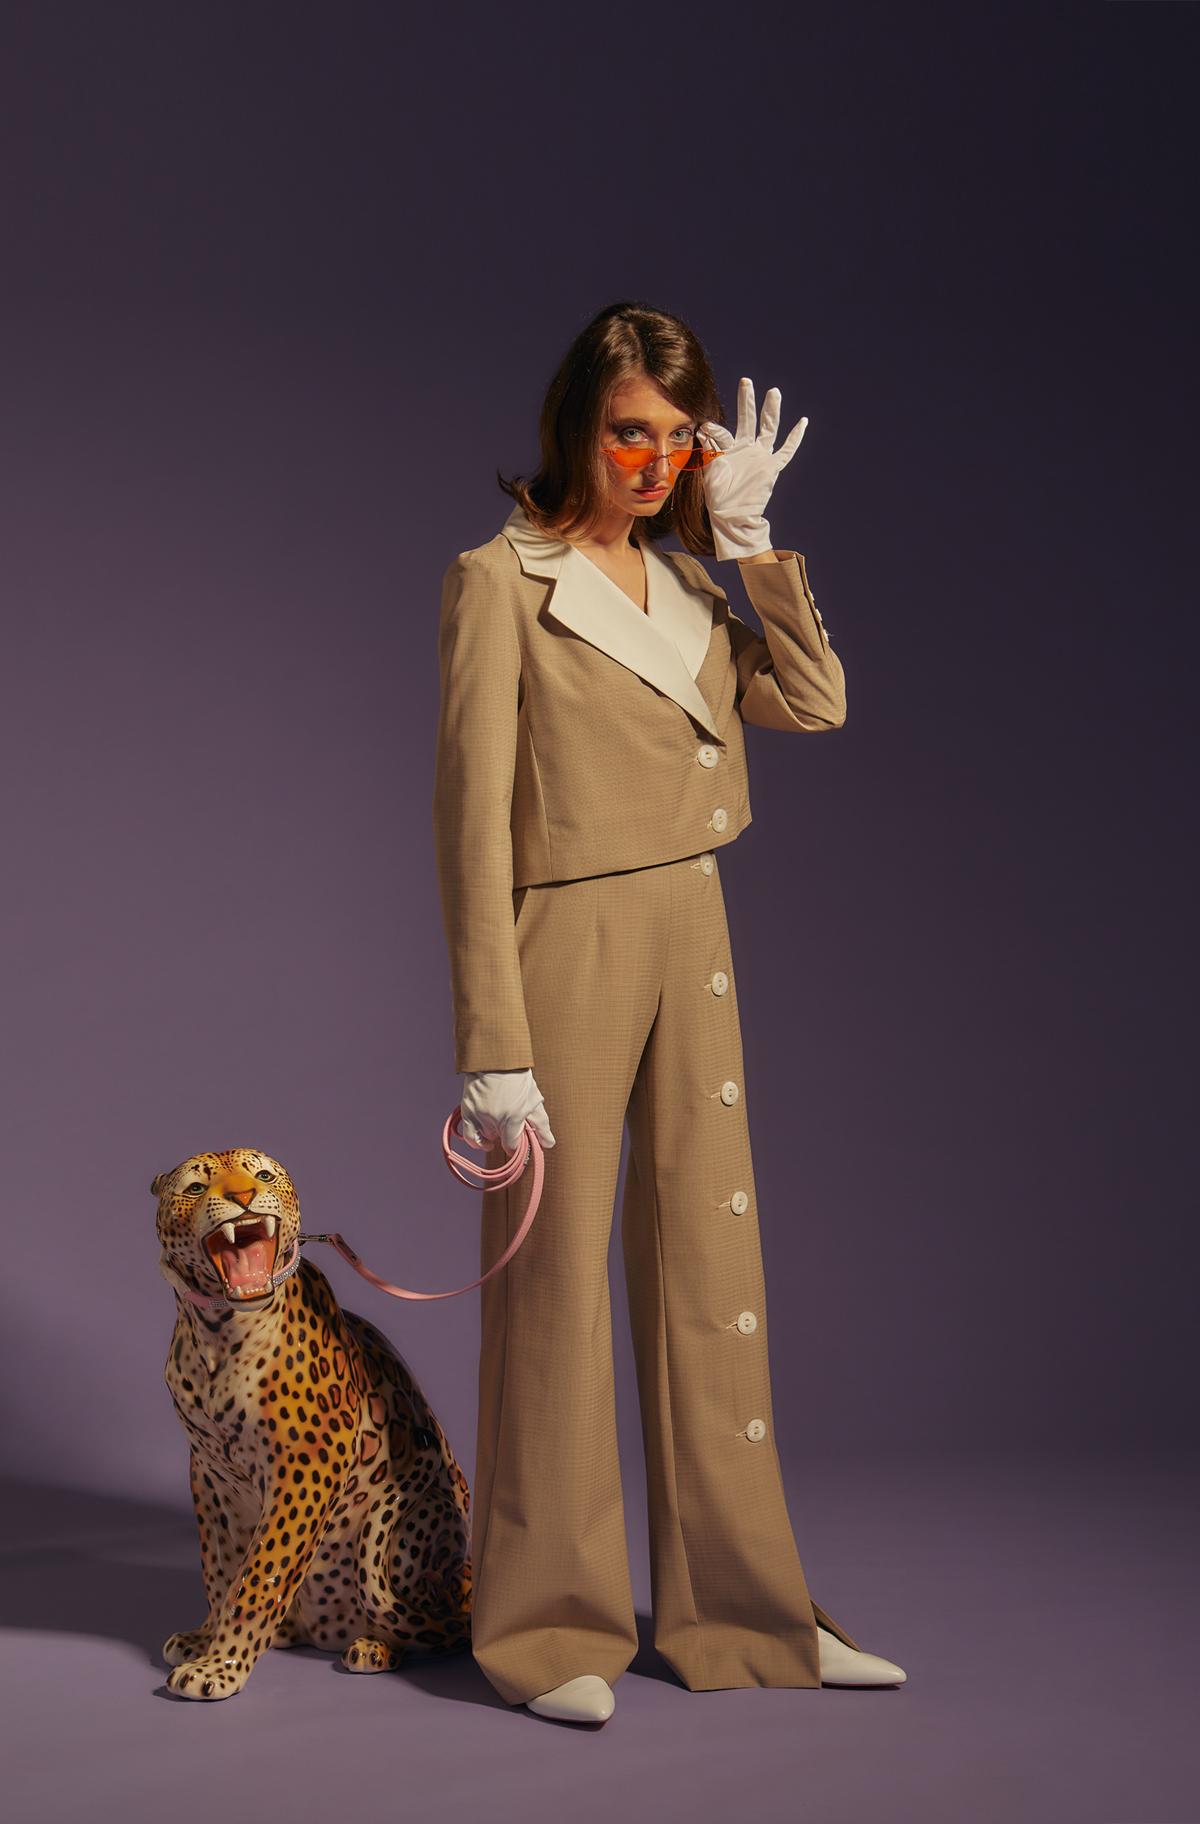 Mannequin Salut beauté en costume beige retro avec des lunettes à verres orange et tenant en laisse une sculpture de guépard